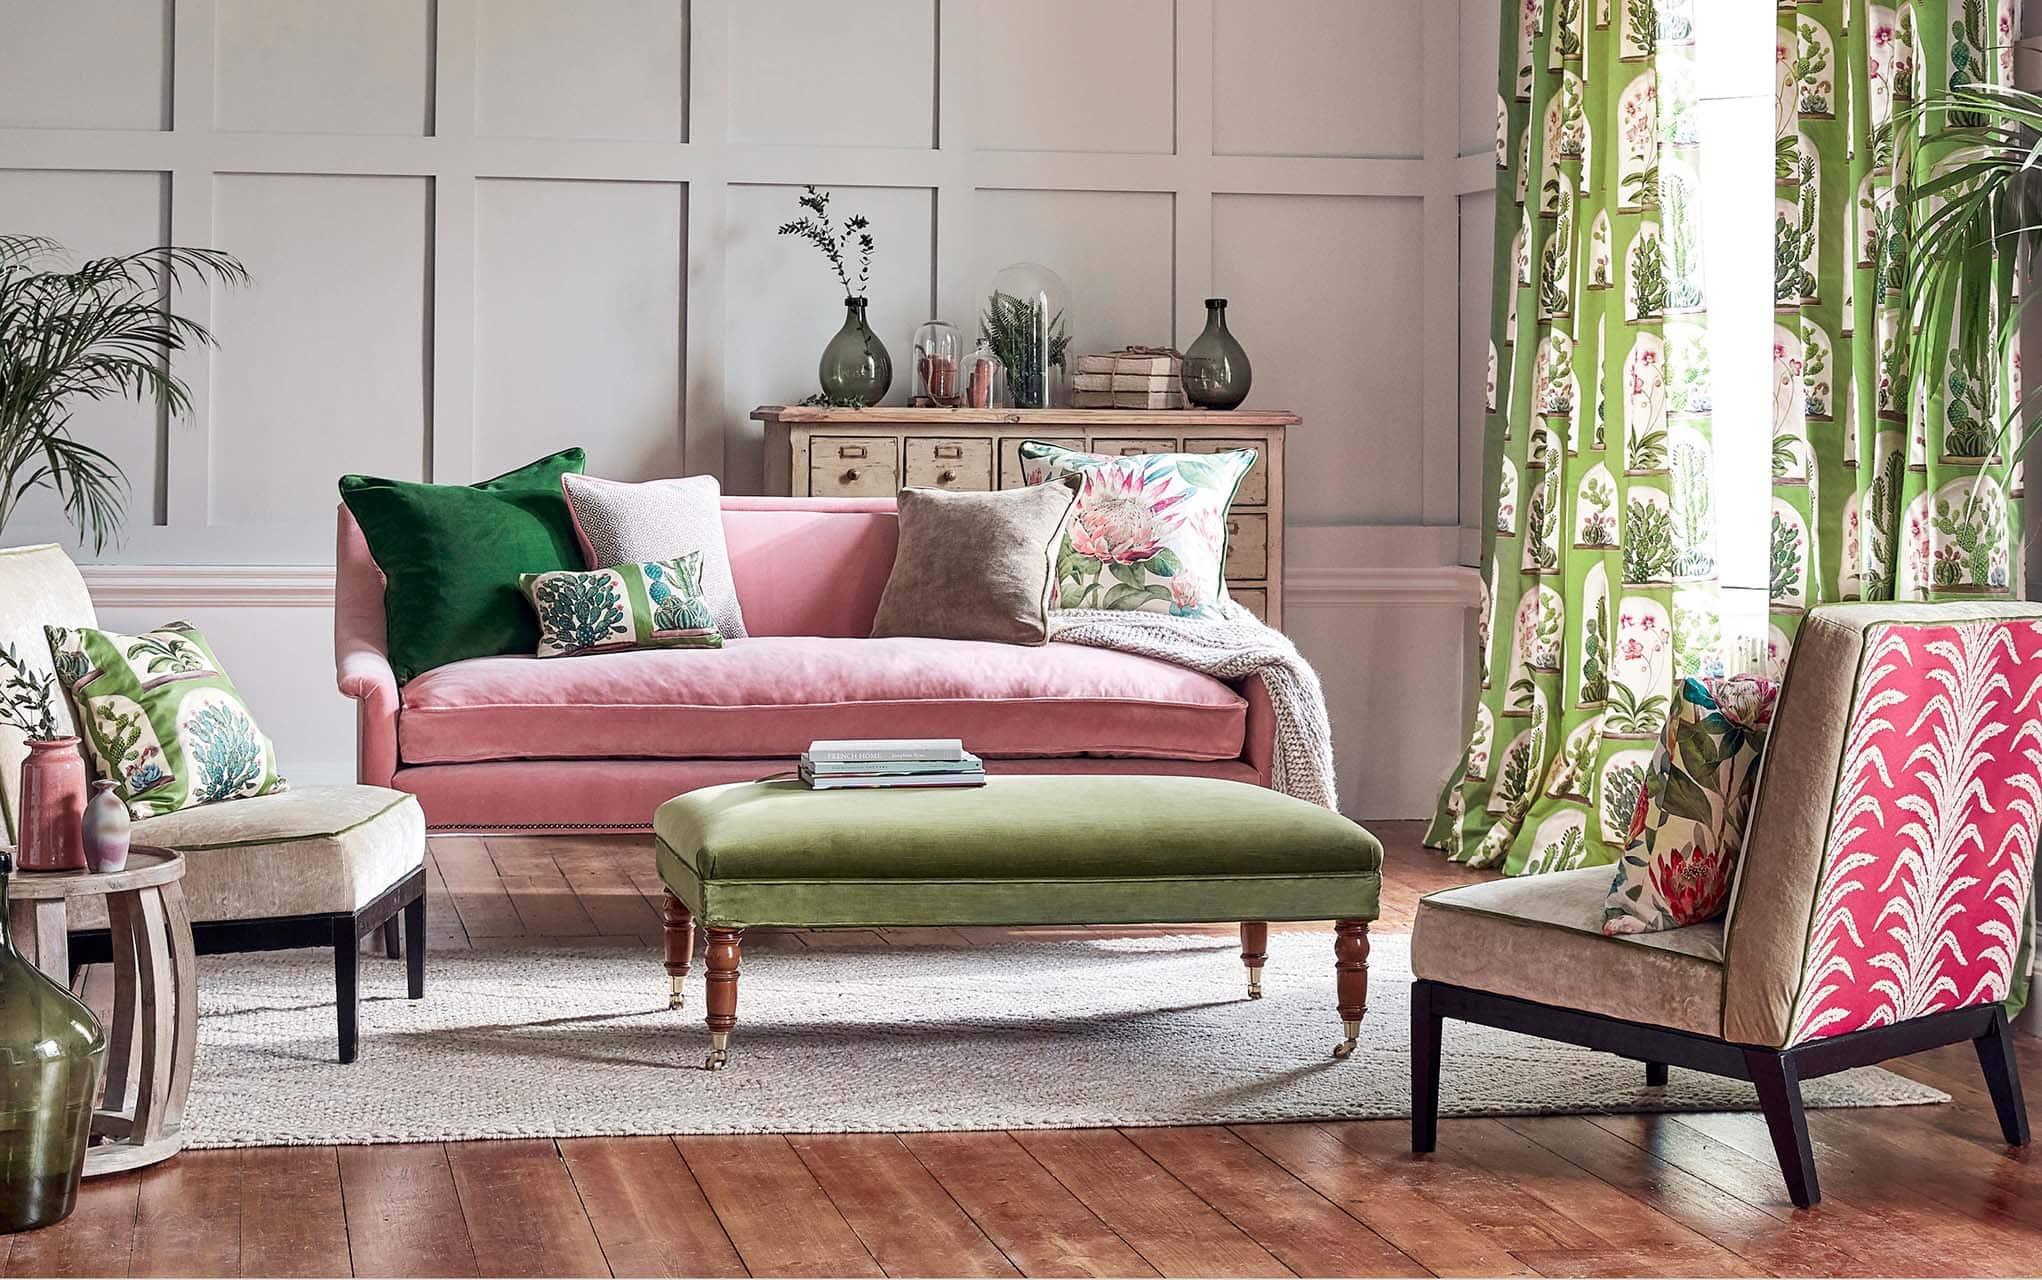 Interior Design in Tunbridge Wells